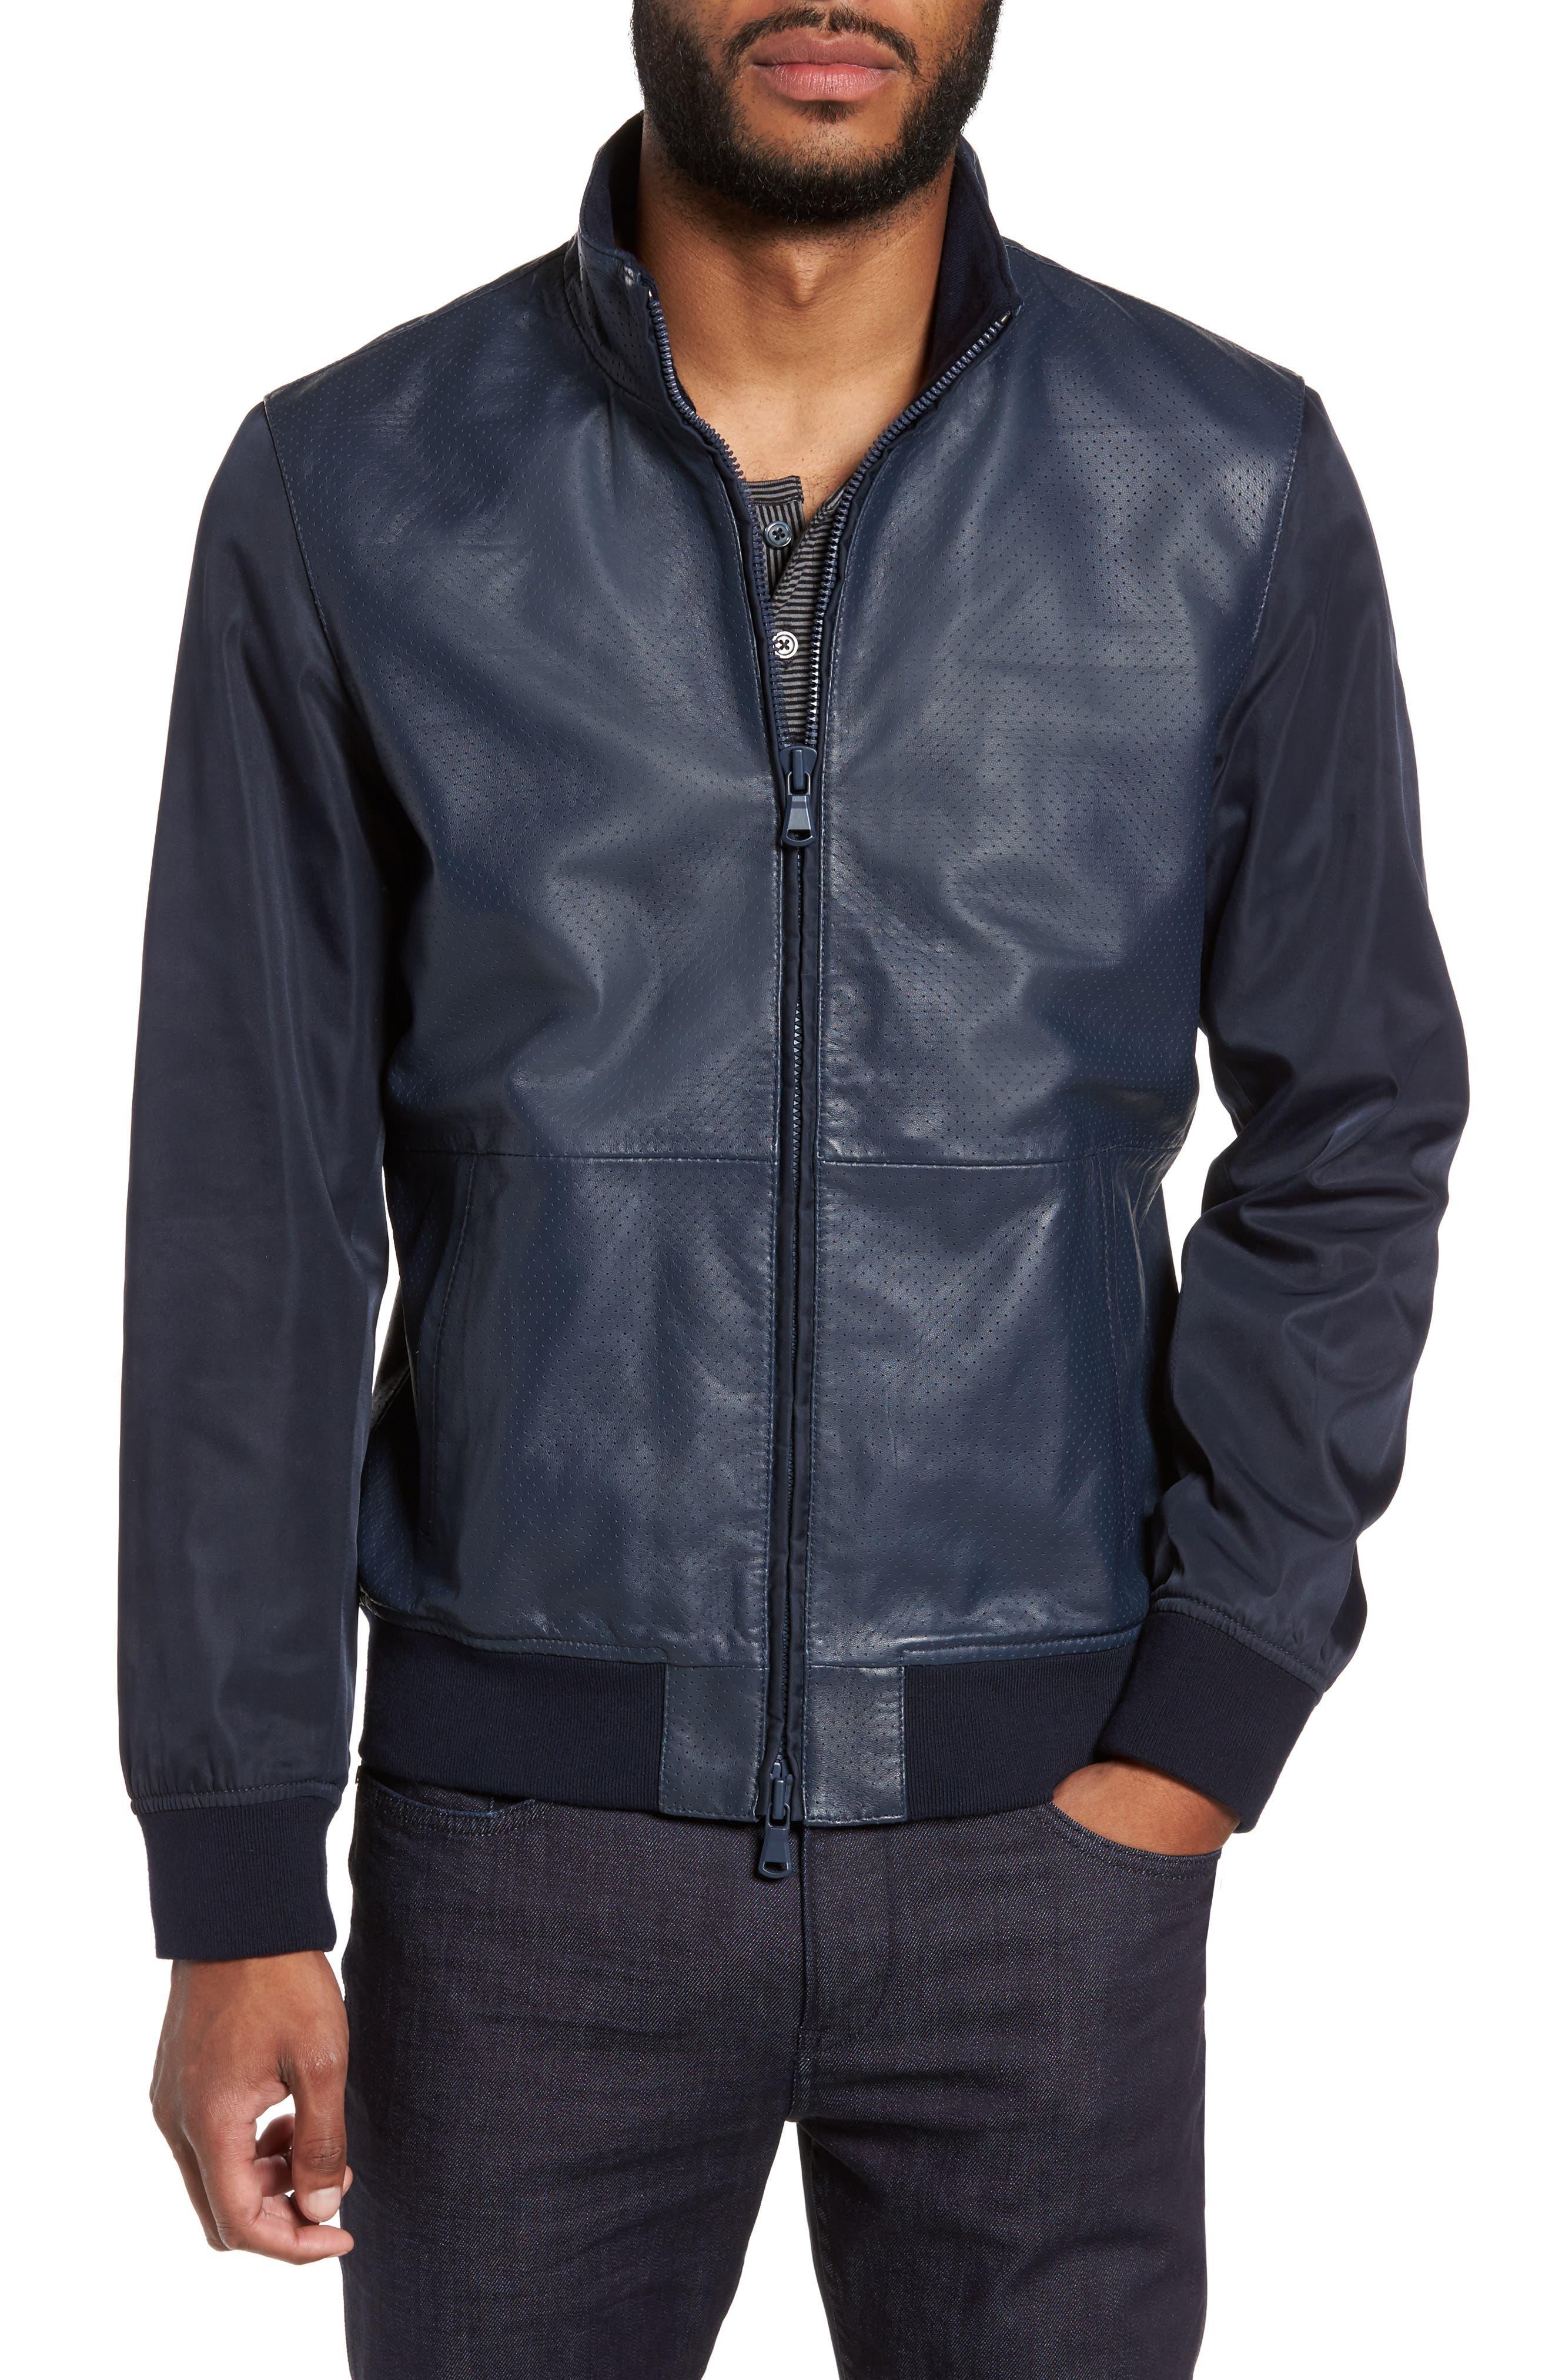 ZACHARY PRELL Mixed Media Jacket, Main, color, NAVY